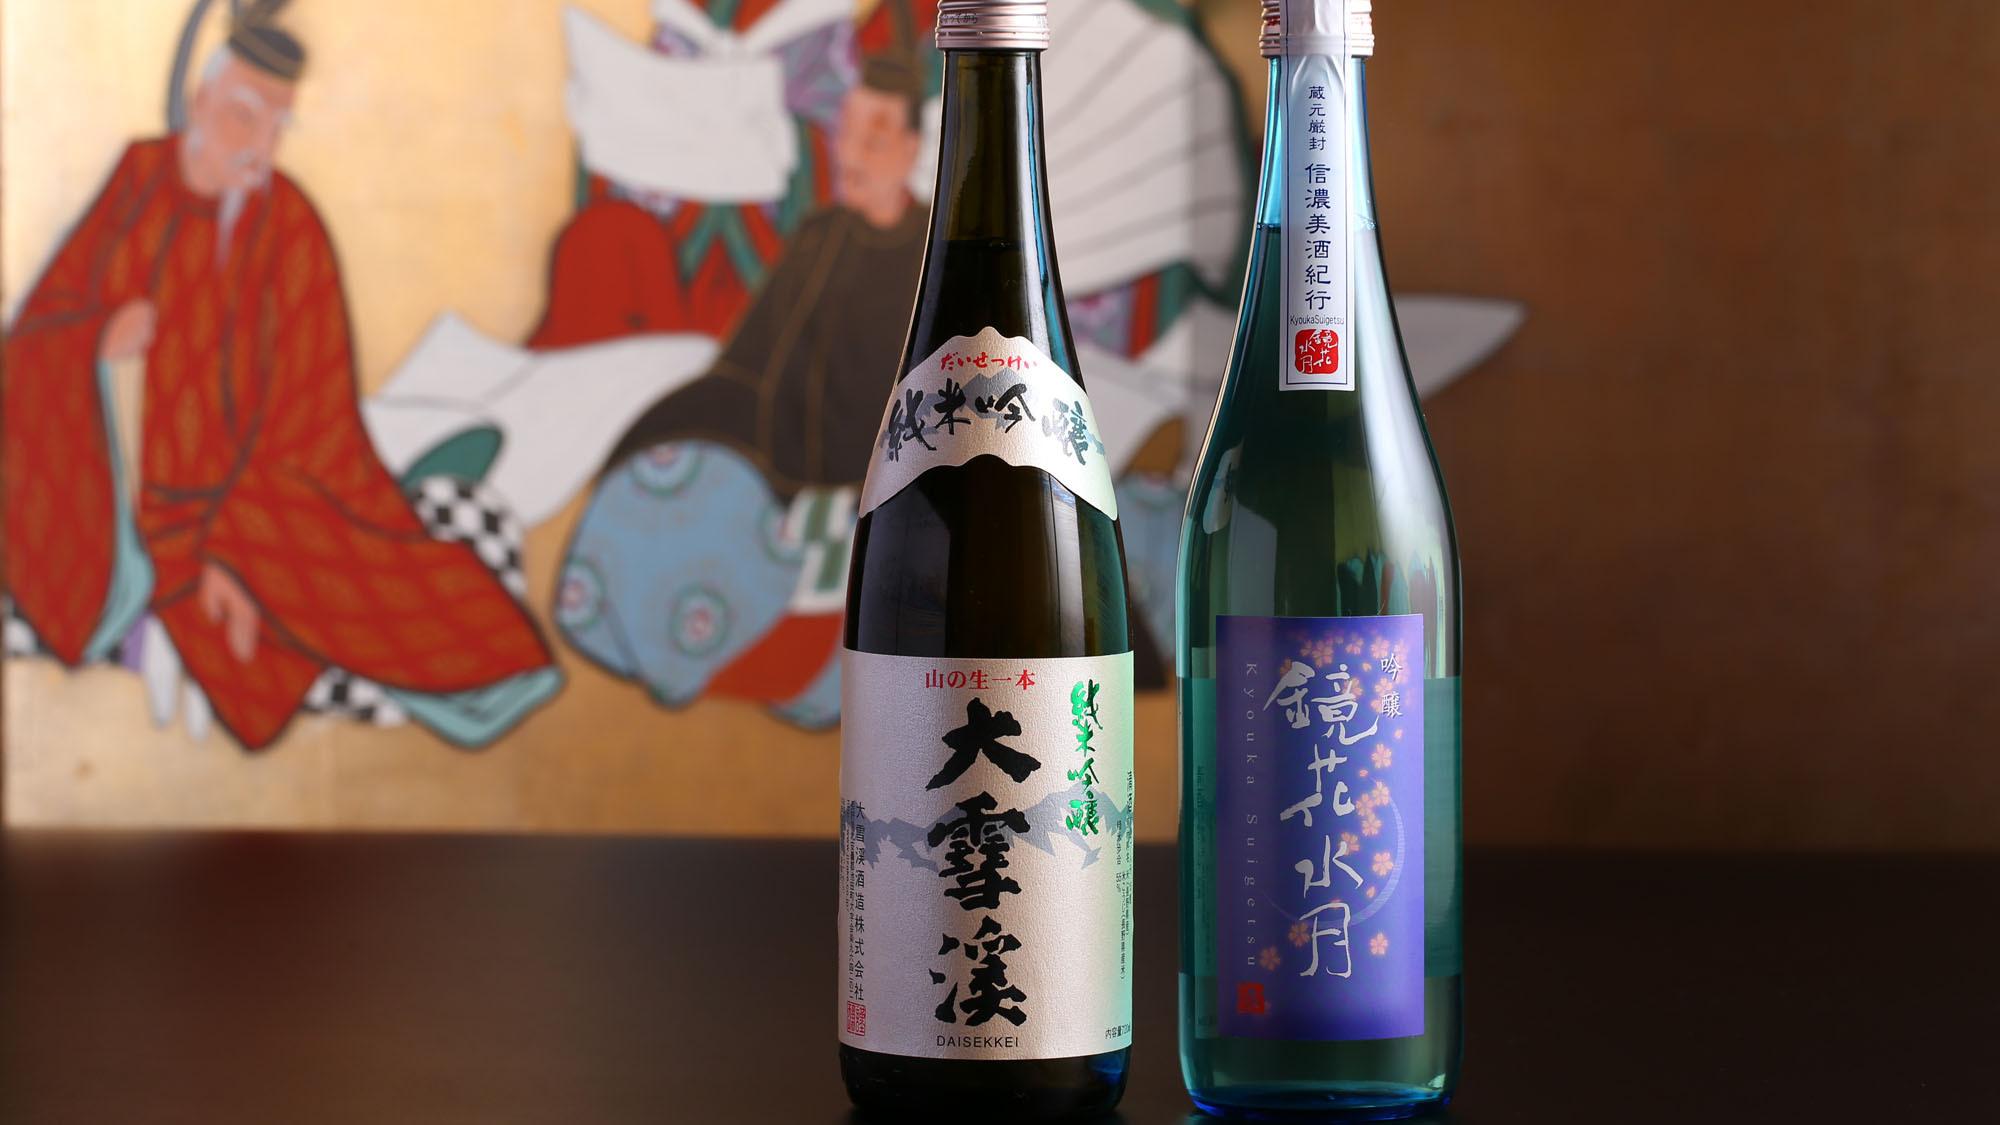 ■信州の地酒「純米吟醸 大雪渓」「鏡花水月」